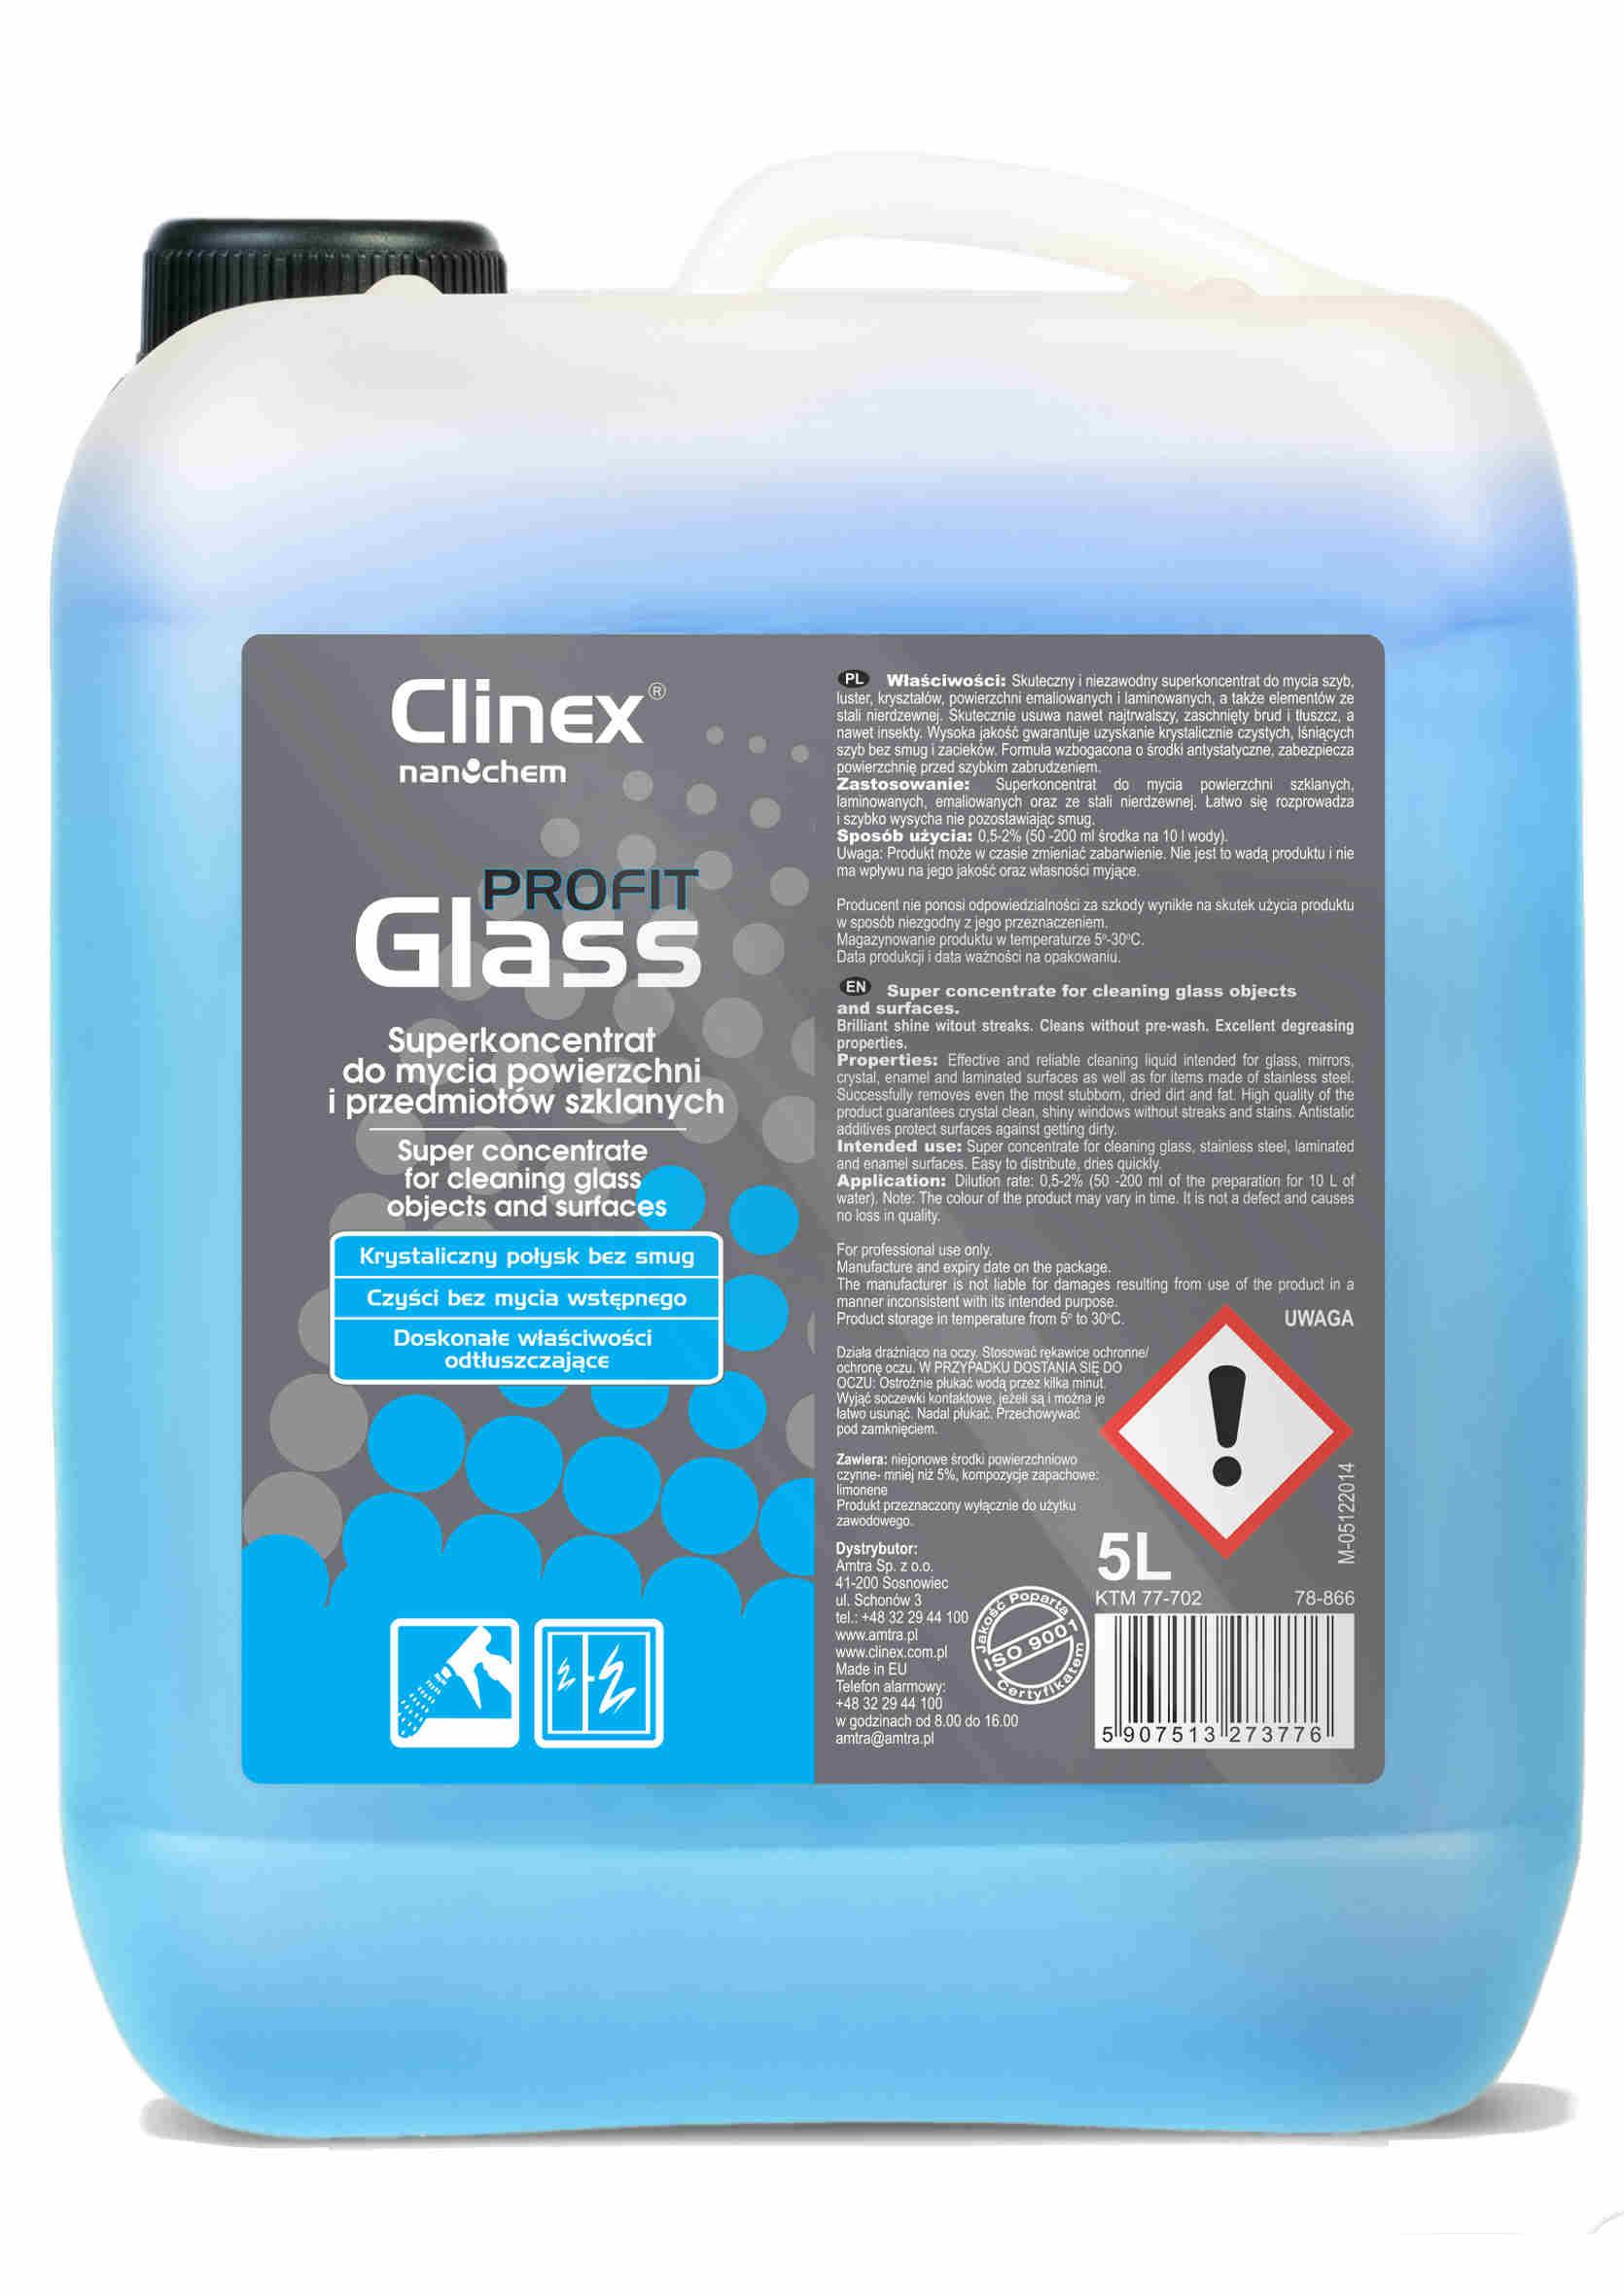 Clinex Profit Glass - Koncentrat do Mycia Powierzchni Szklanych 5L